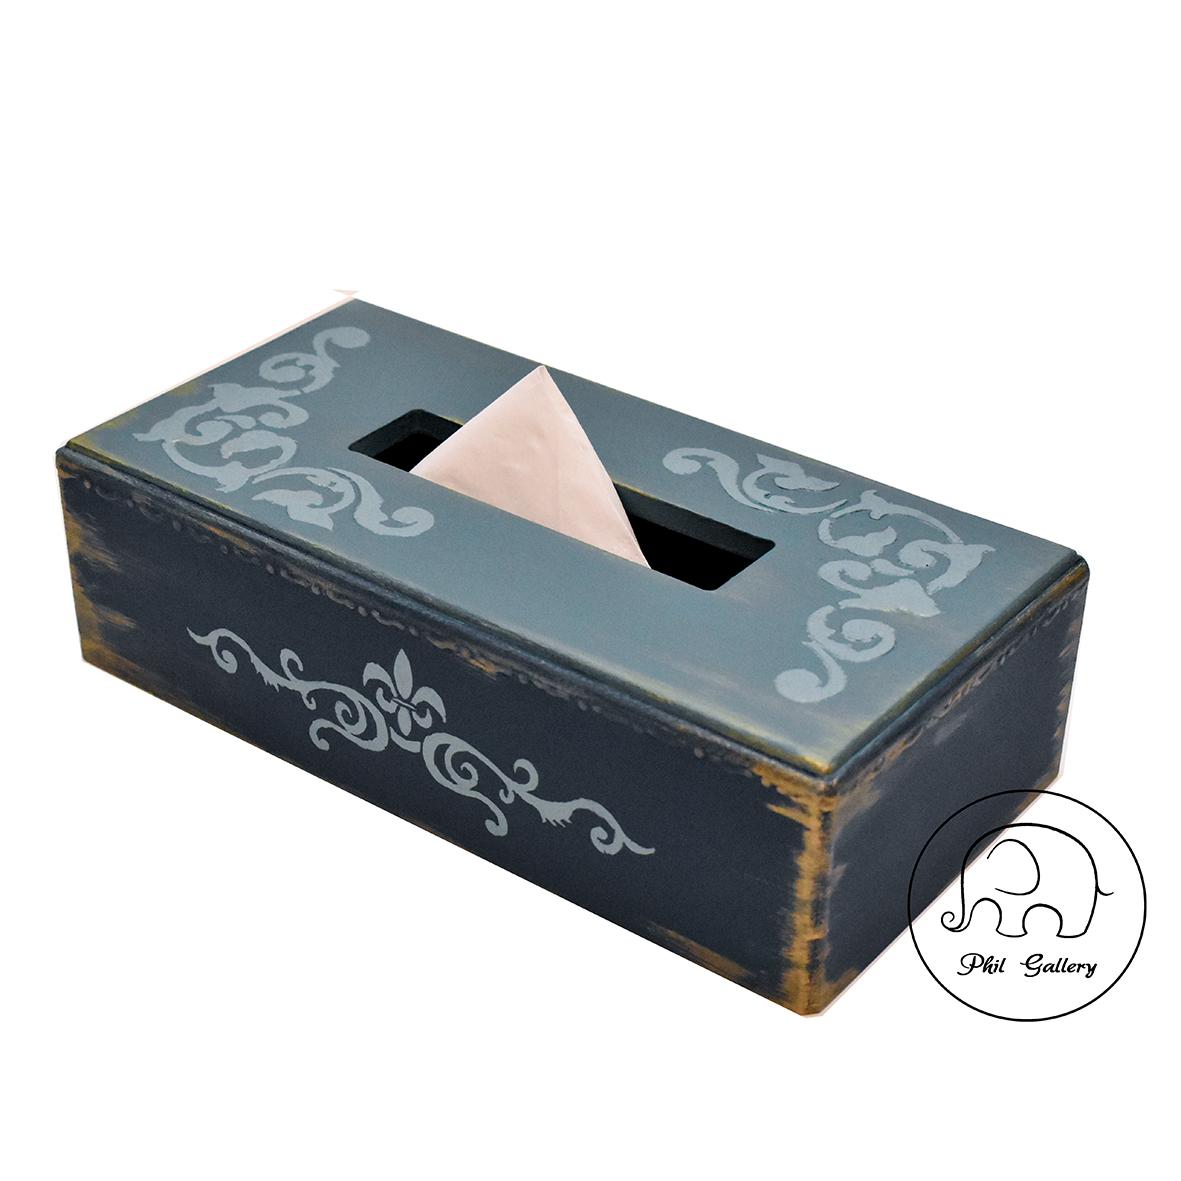 جعبه دستمال کاغذی چوبی با نقوش برجسته و کهنه کاری طلایی